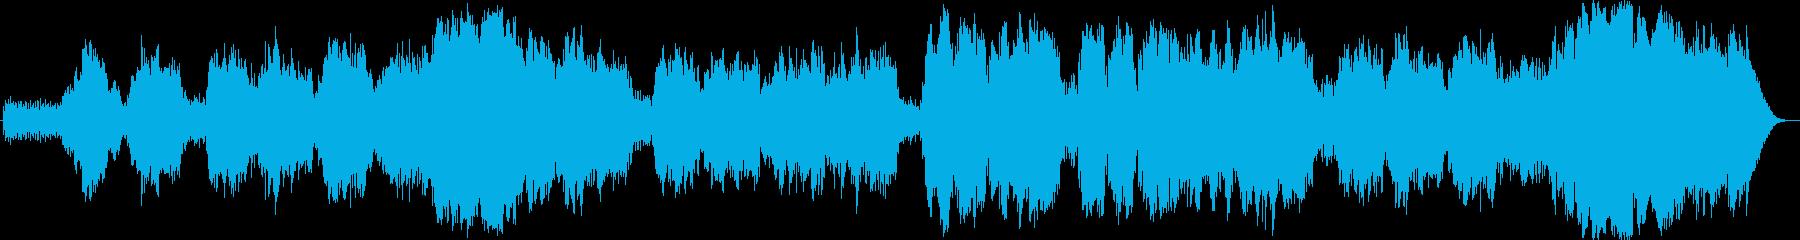 シチリアーノの再生済みの波形